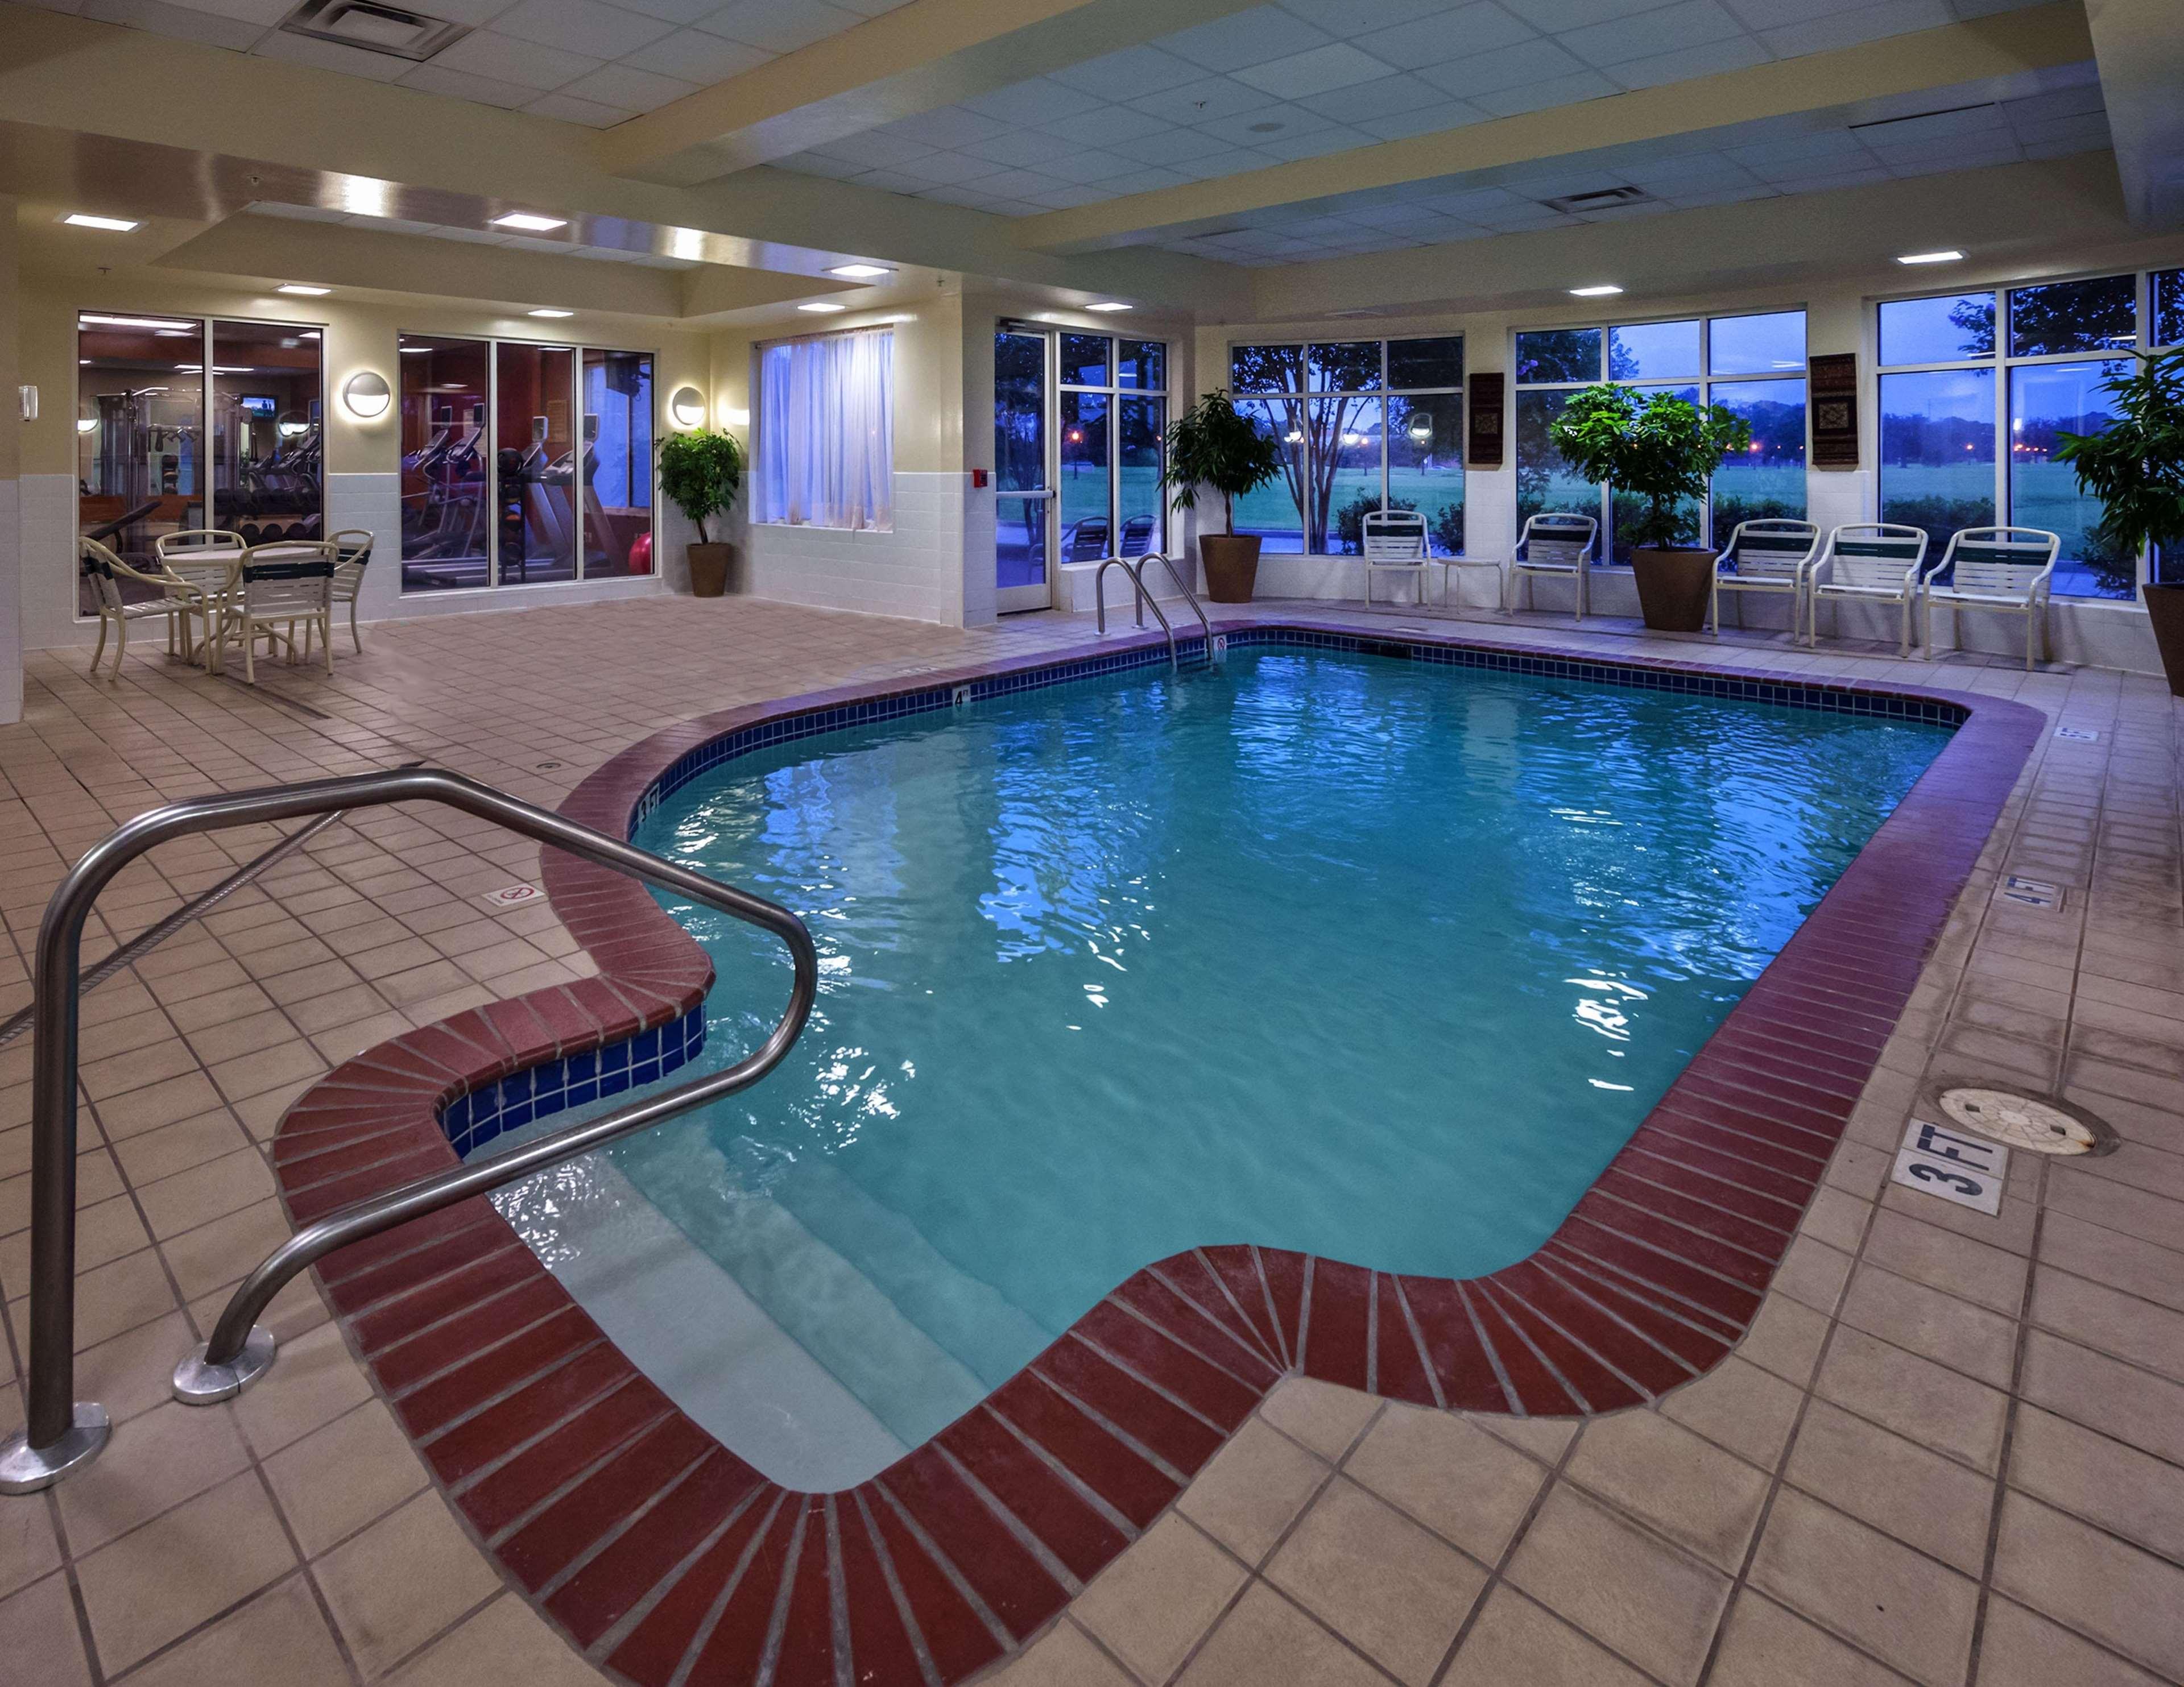 Hilton Garden Inn Lafayette/Cajundome image 7